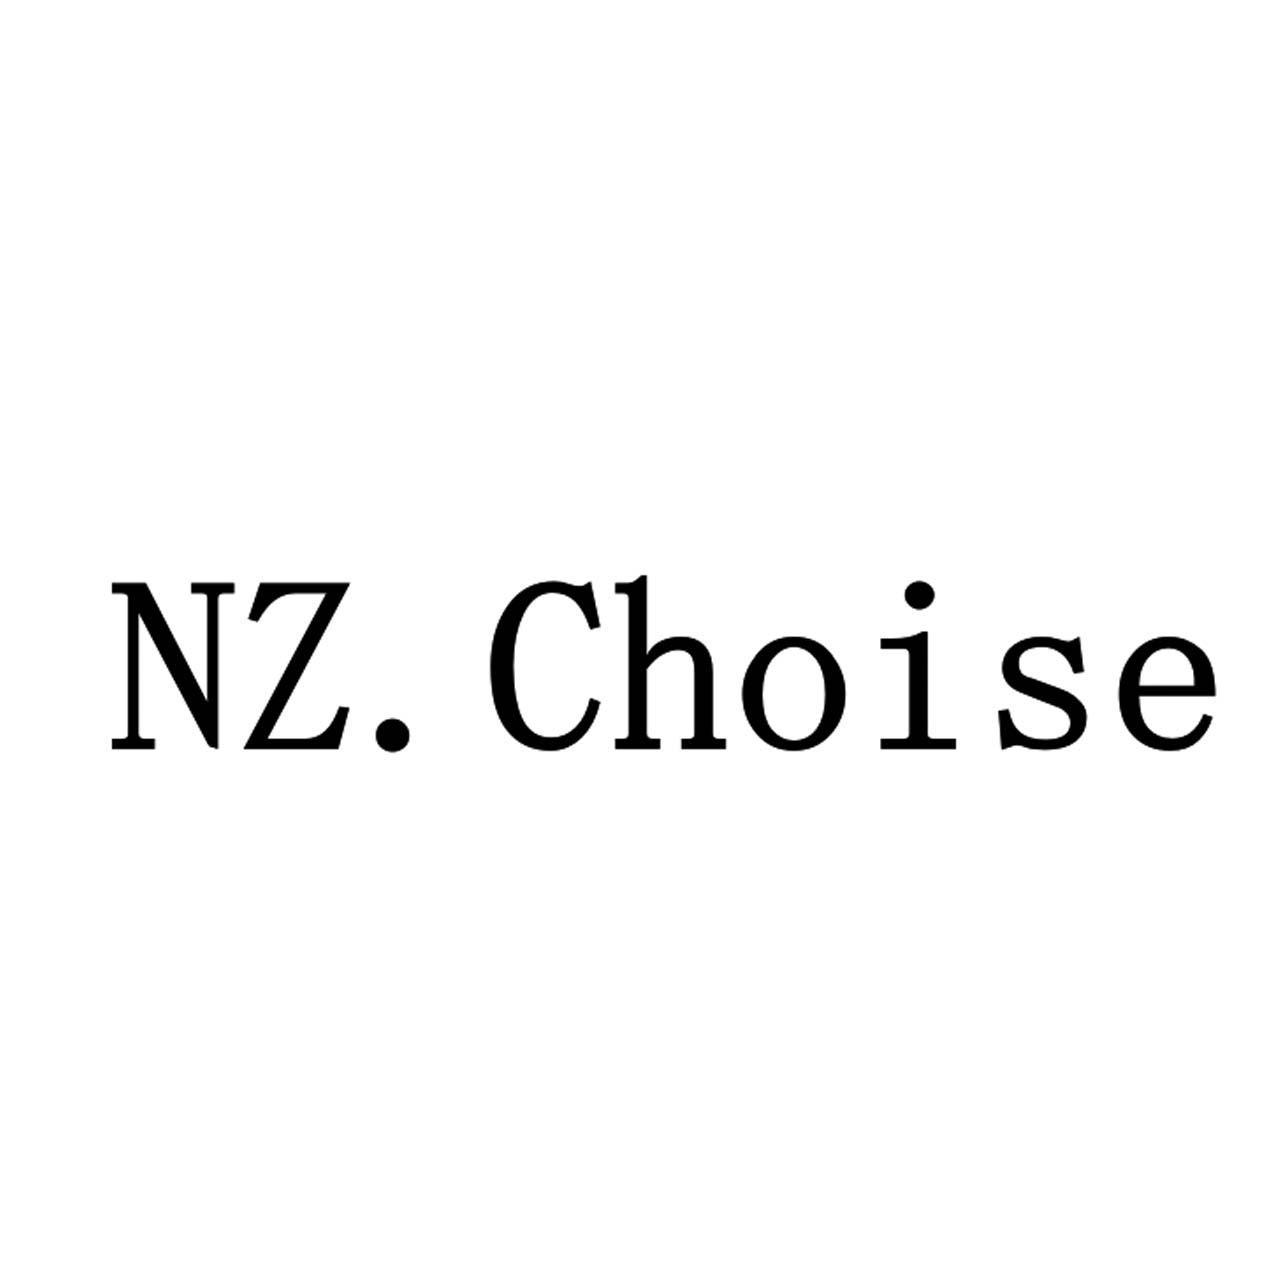 NZ.Choise